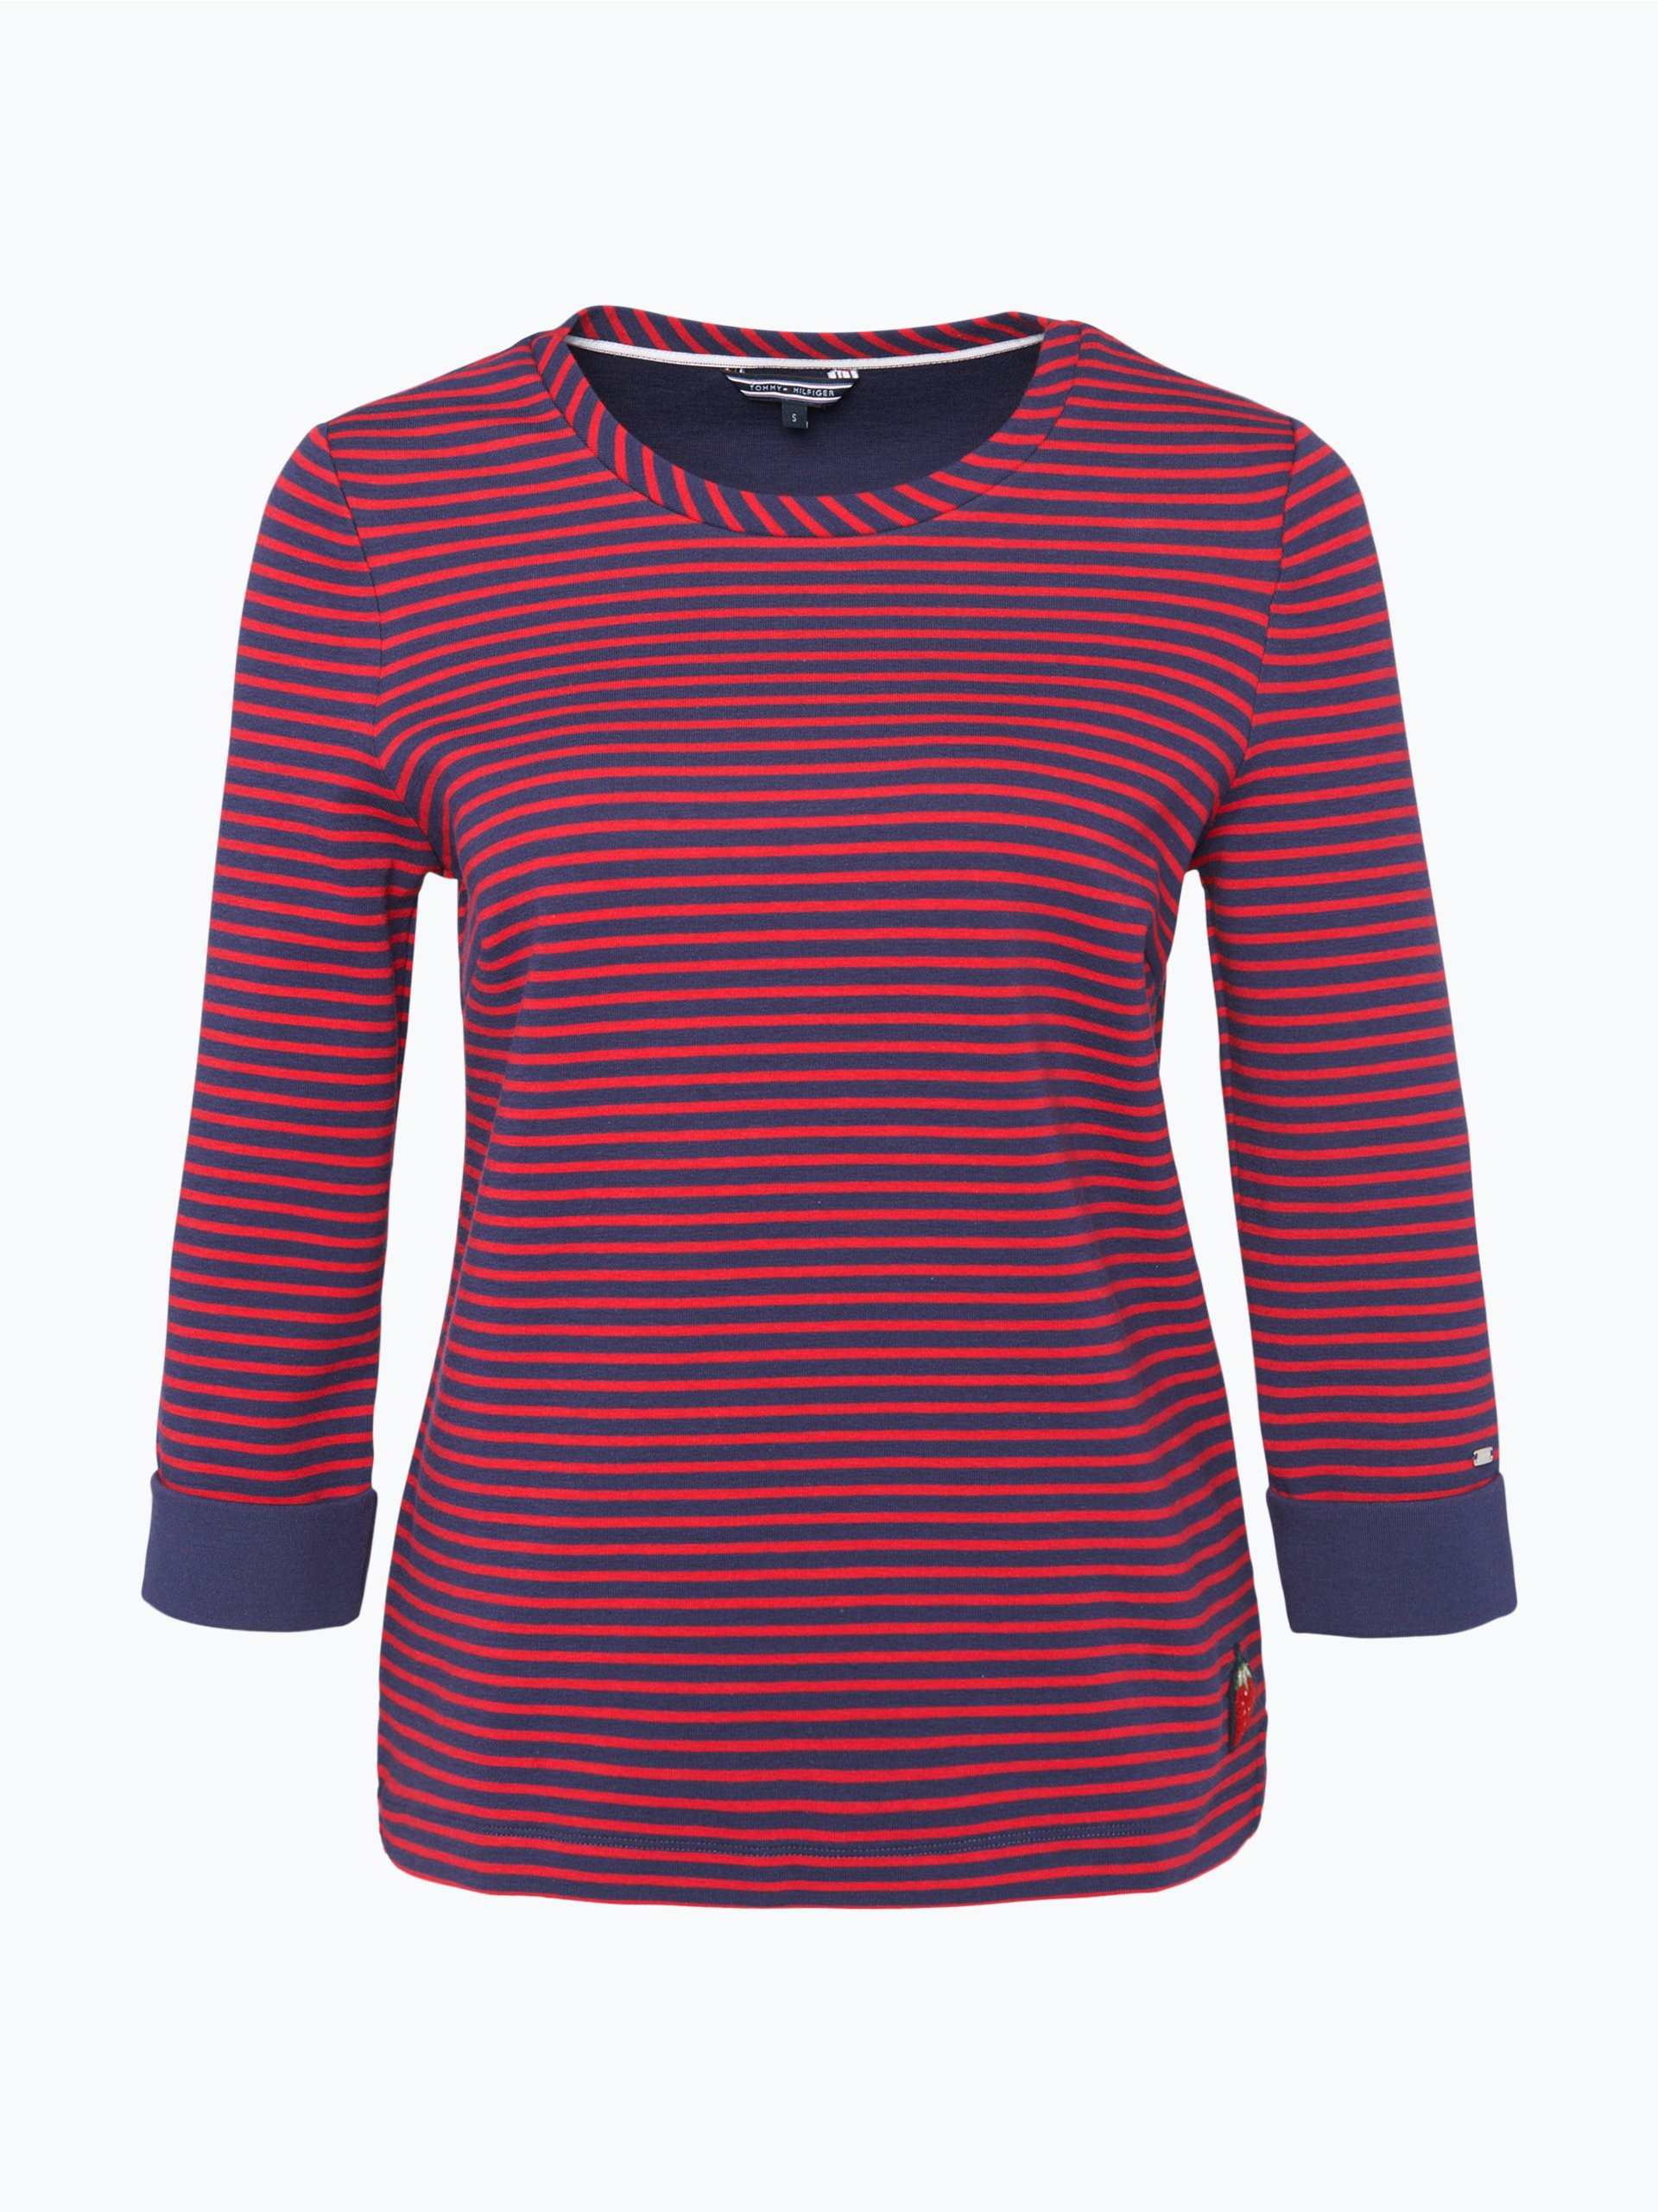 tommy hilfiger damen sweatshirt sylvie marine gestreift. Black Bedroom Furniture Sets. Home Design Ideas